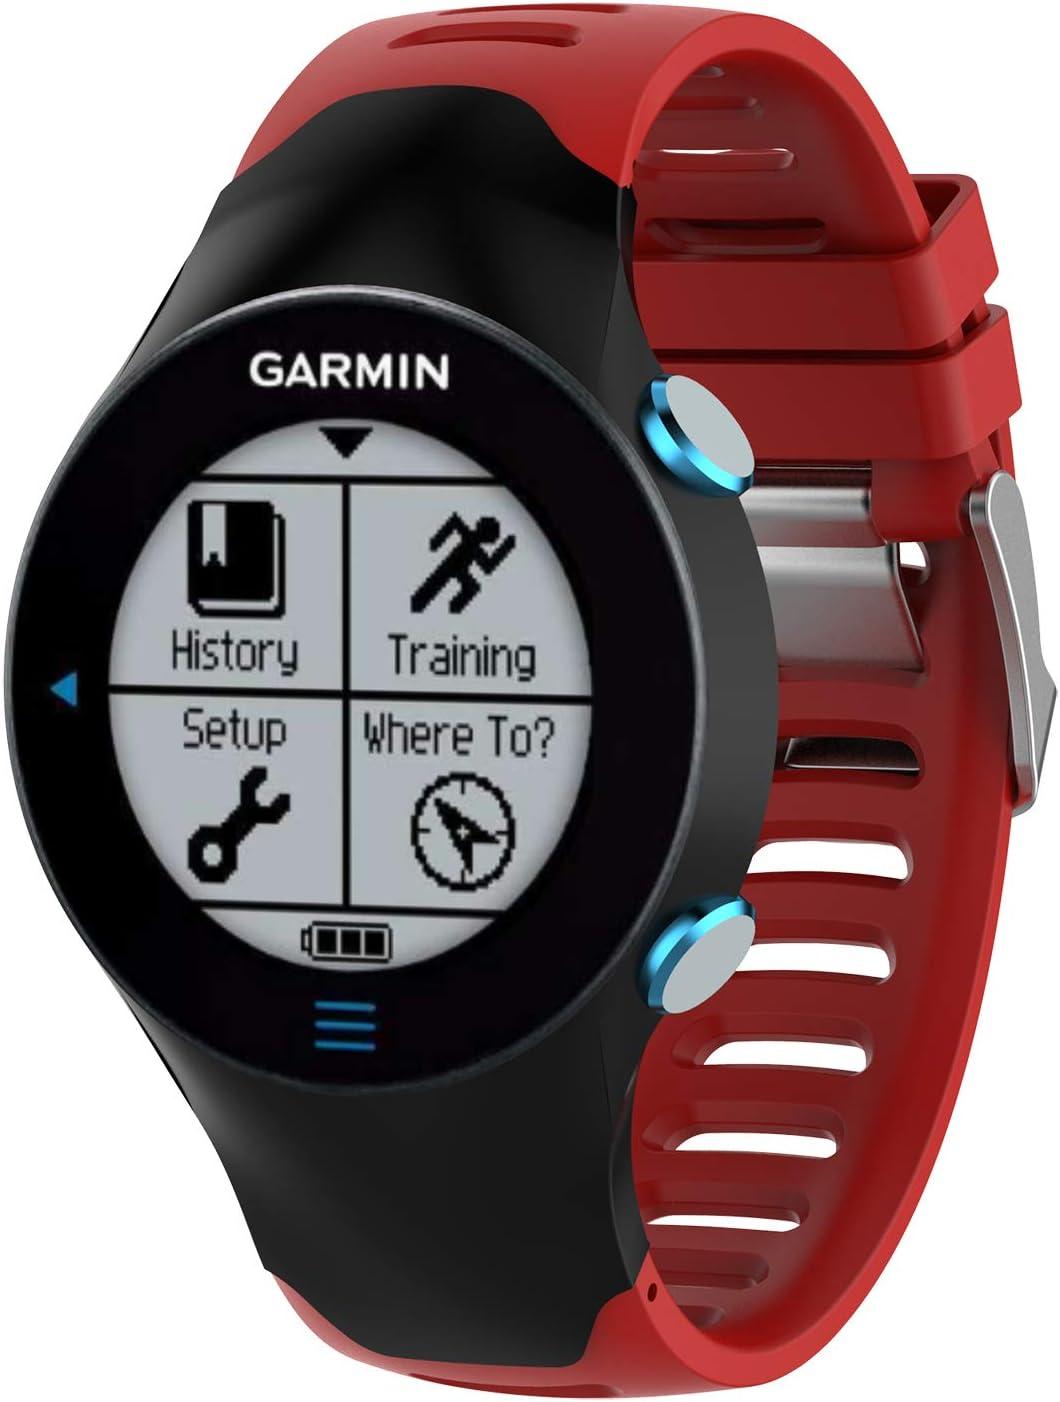 Yikamosi Compatible con Garmin Forerunner 610 Correa,de Silicona Suave Correa de Reloj Stainless Steel Clasp Respirable Reemplaz Atar con Correa para Garmin Forerunner 610(Red)